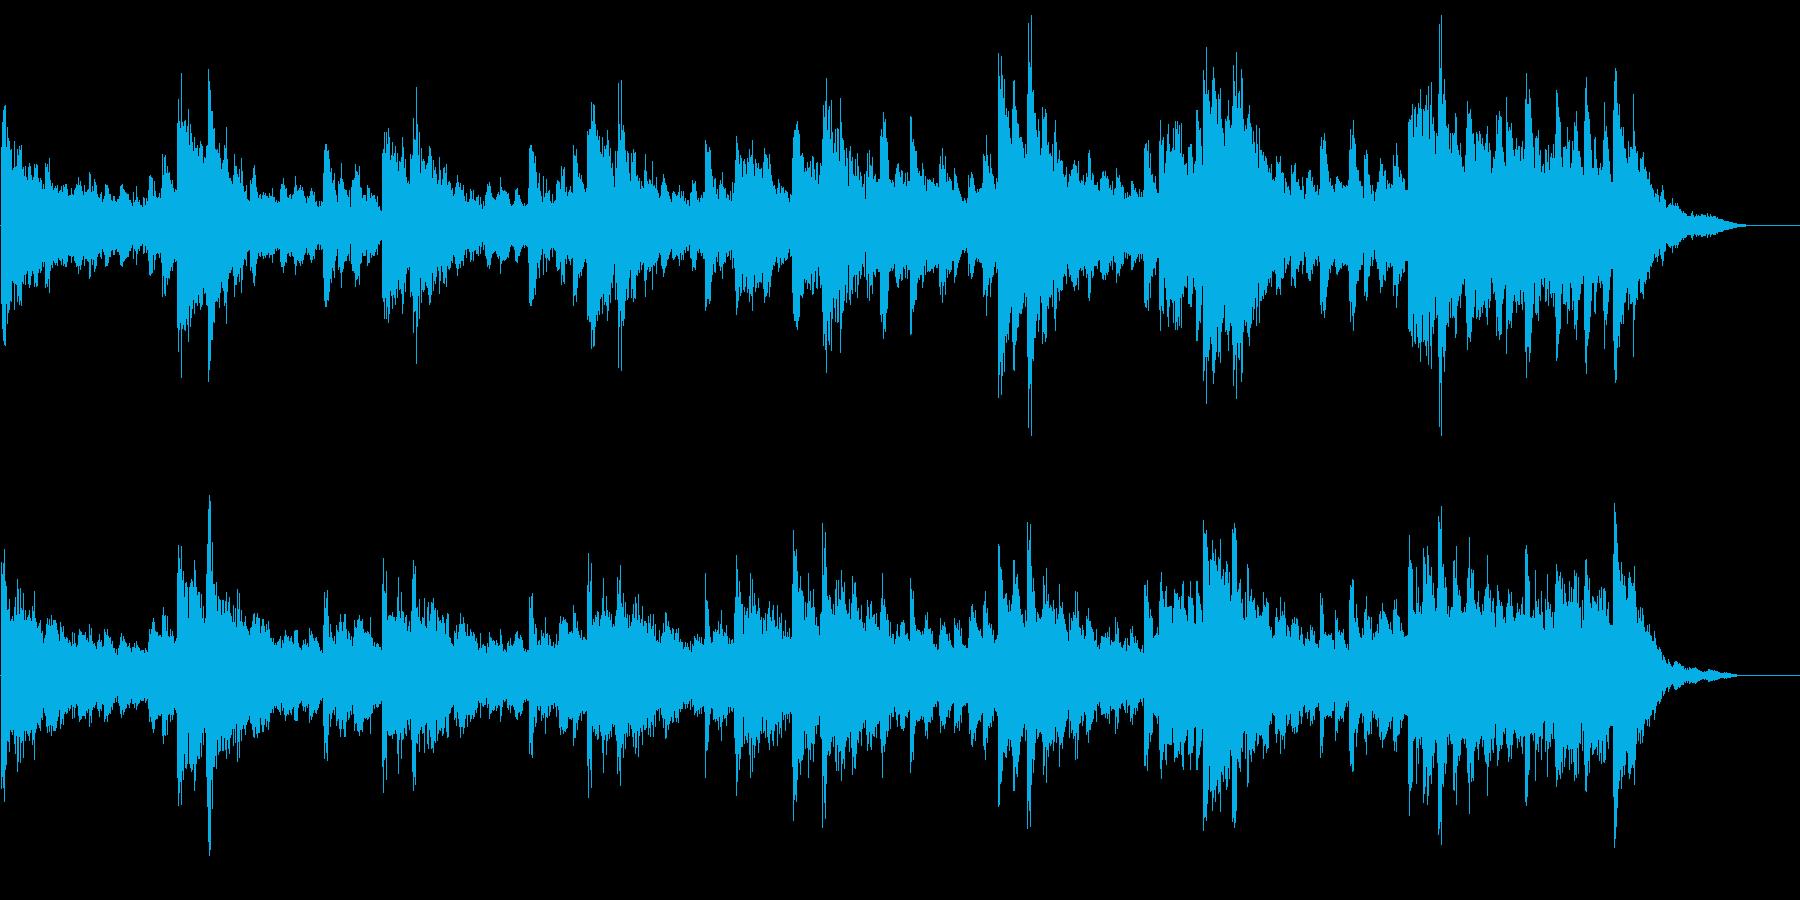 シリアスなピアノBGMドキュメンタリーの再生済みの波形